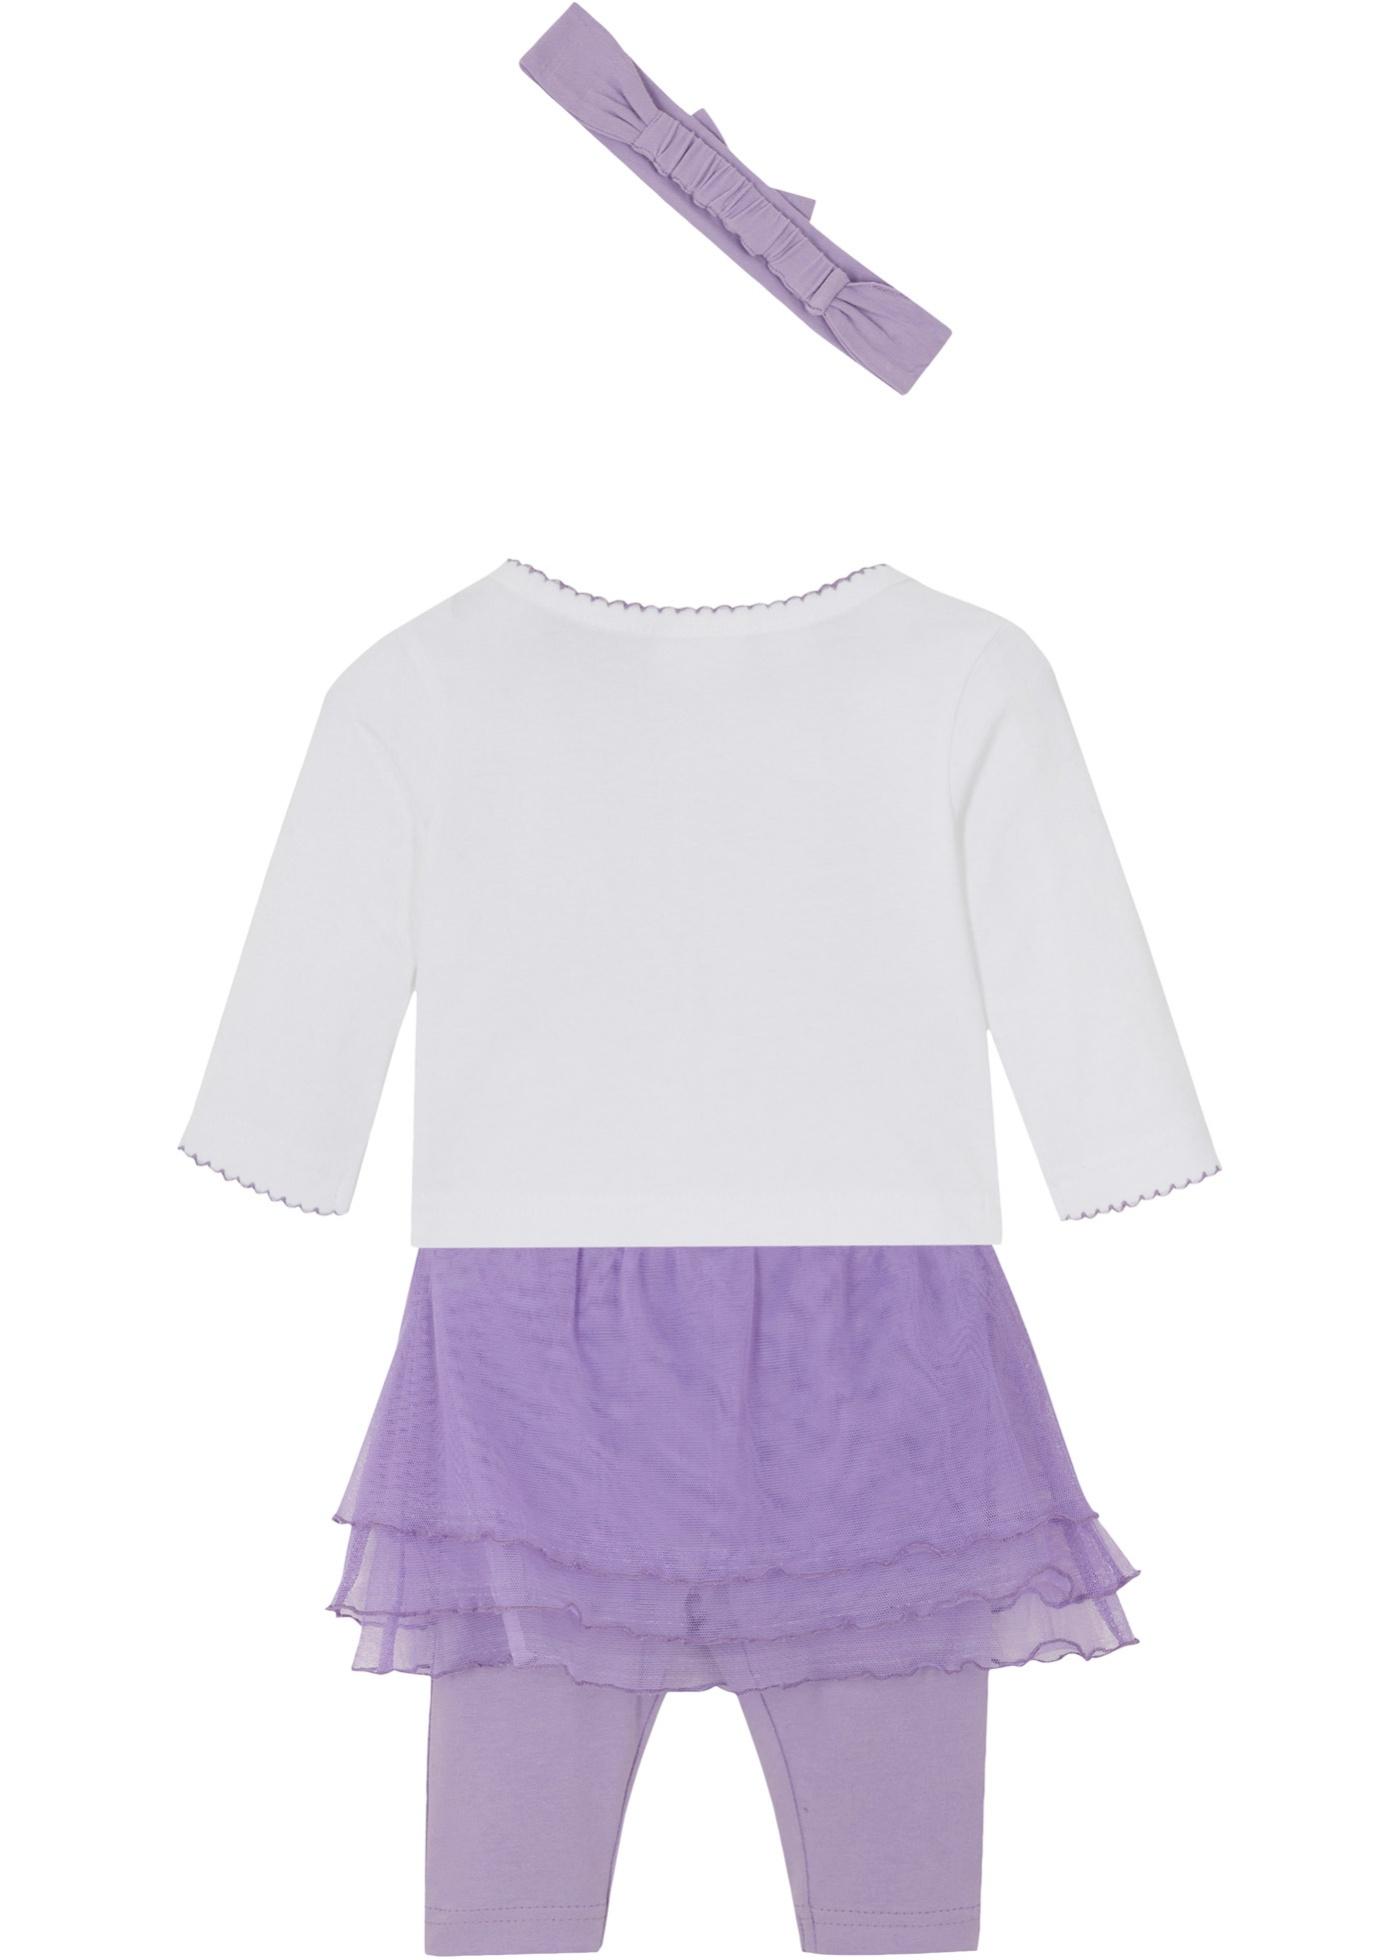 Kojenecké triko, legíny, tylová sukně, čelenka (4dílná souprava) - Bílá